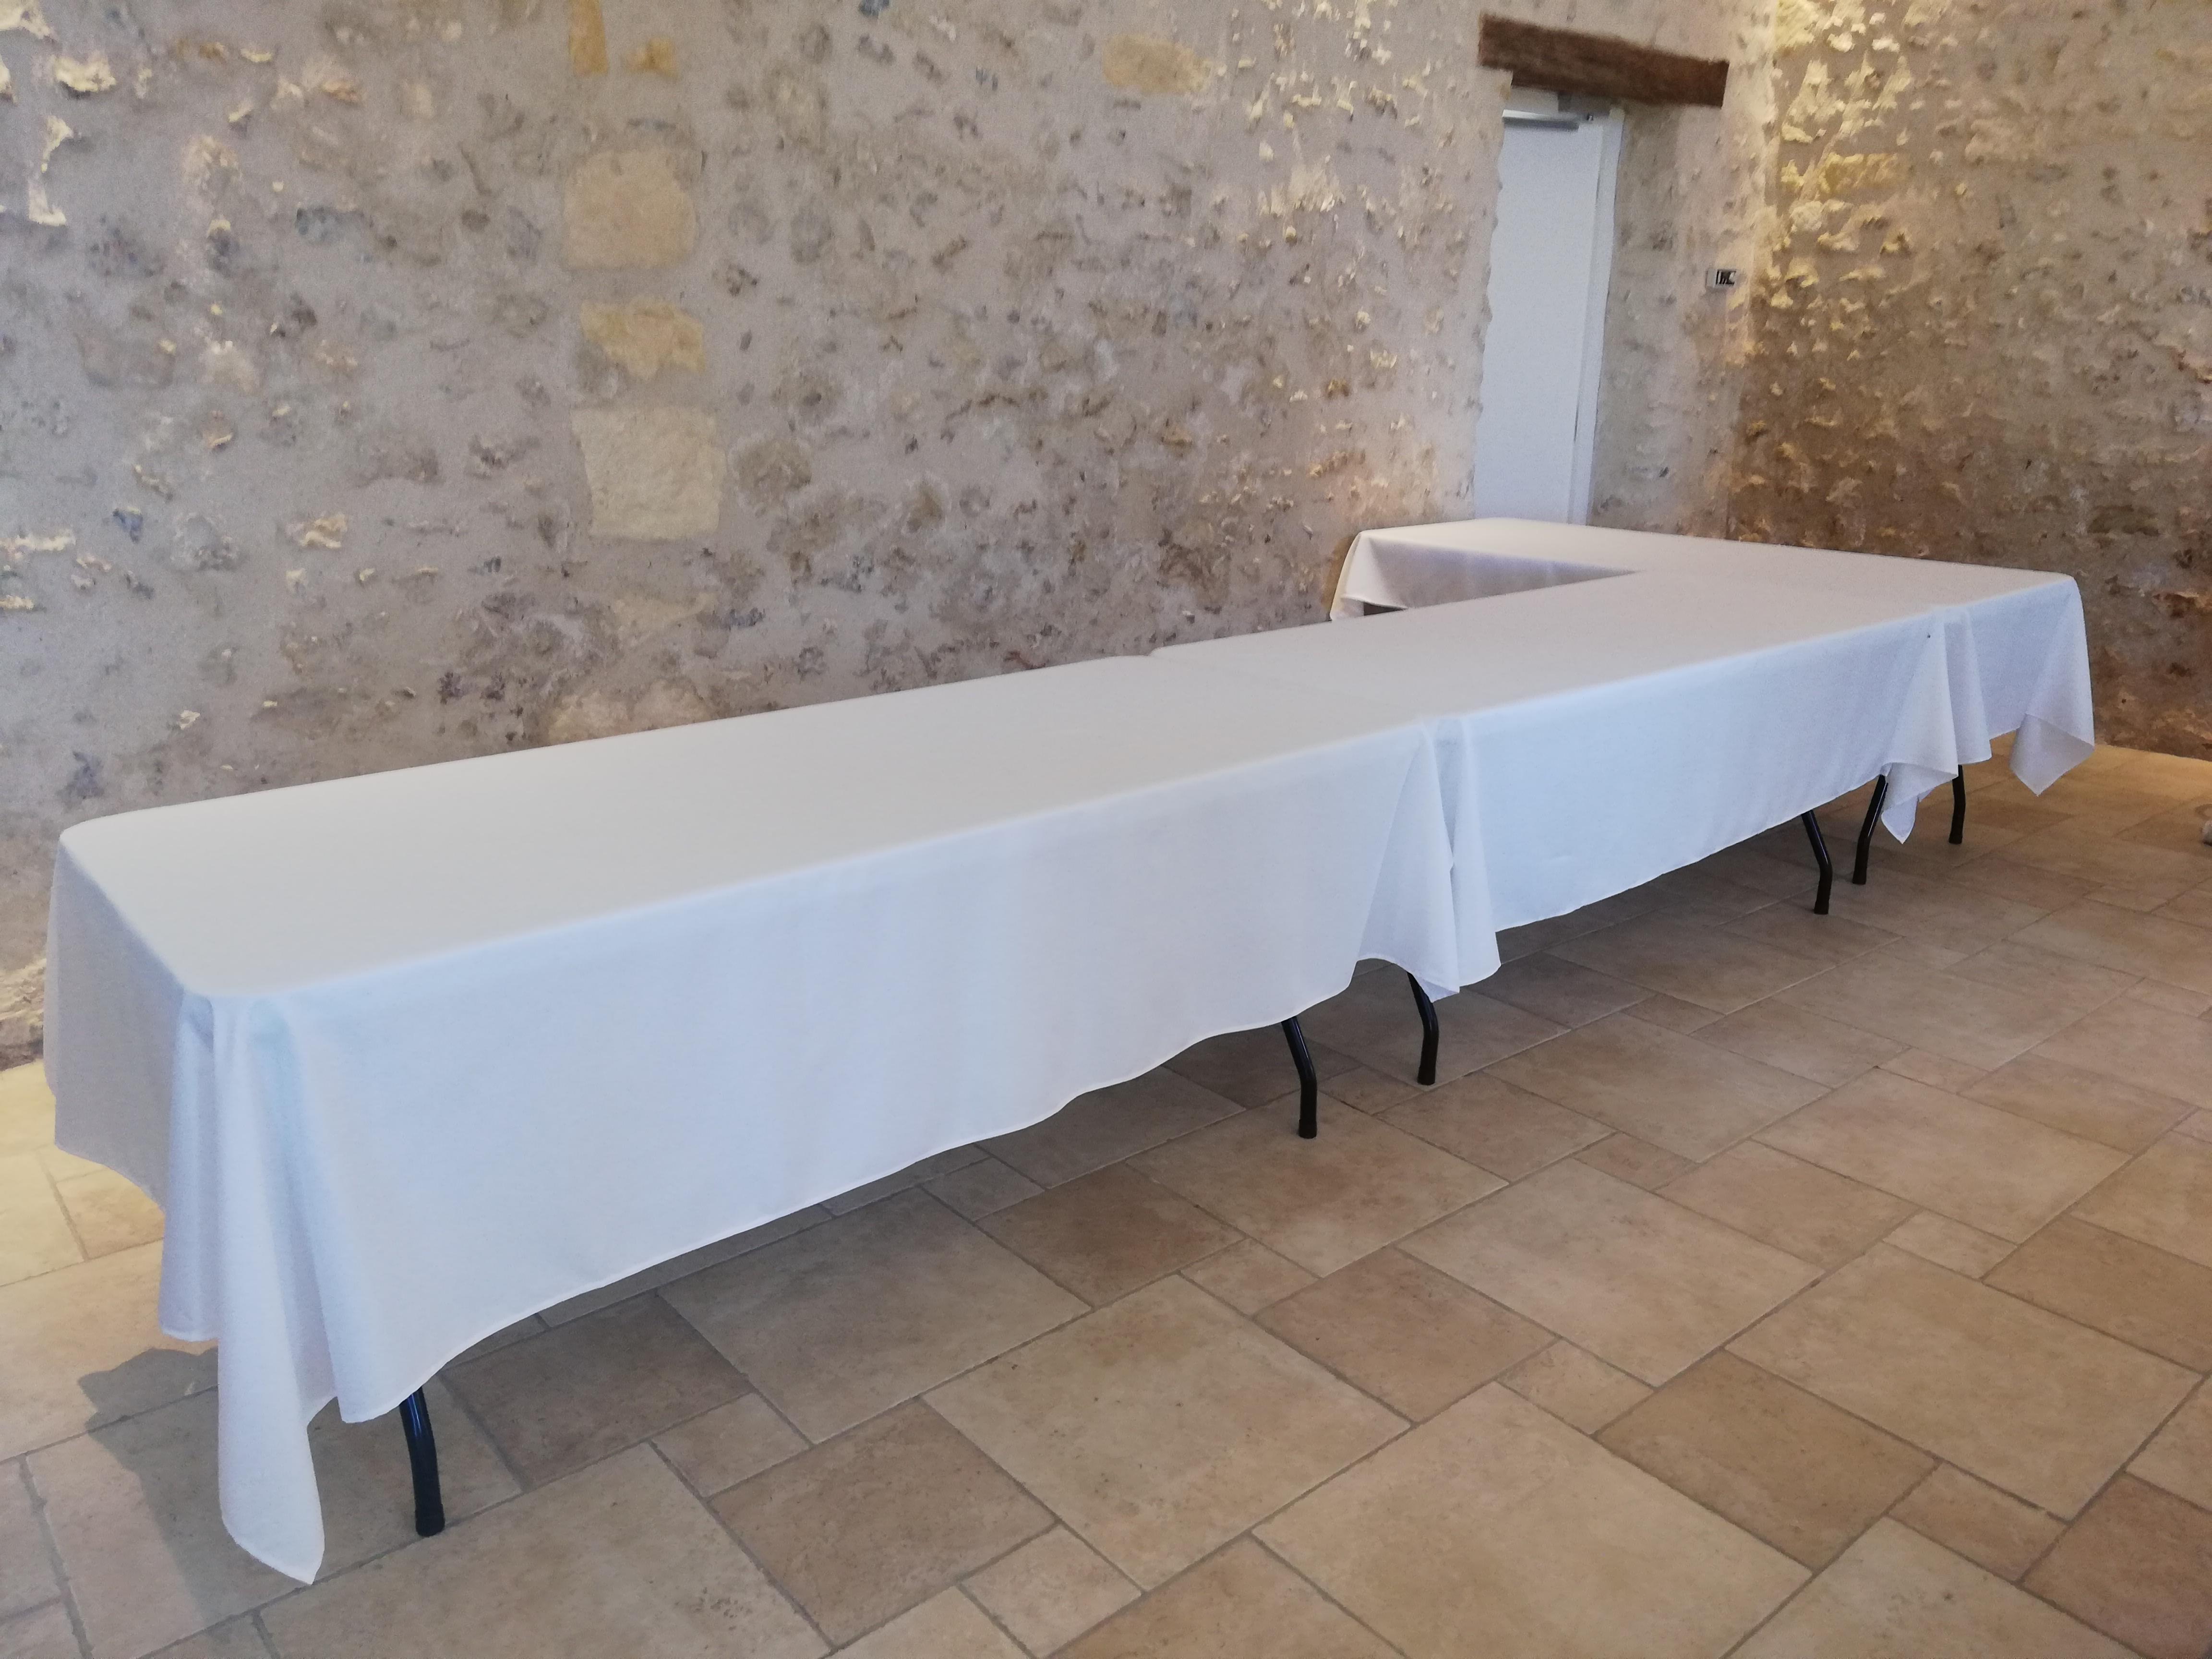 Location table rectangulaire 180x74 pour buffet, banquet, réception, cocktail, séminaire tours 37 indre et loire